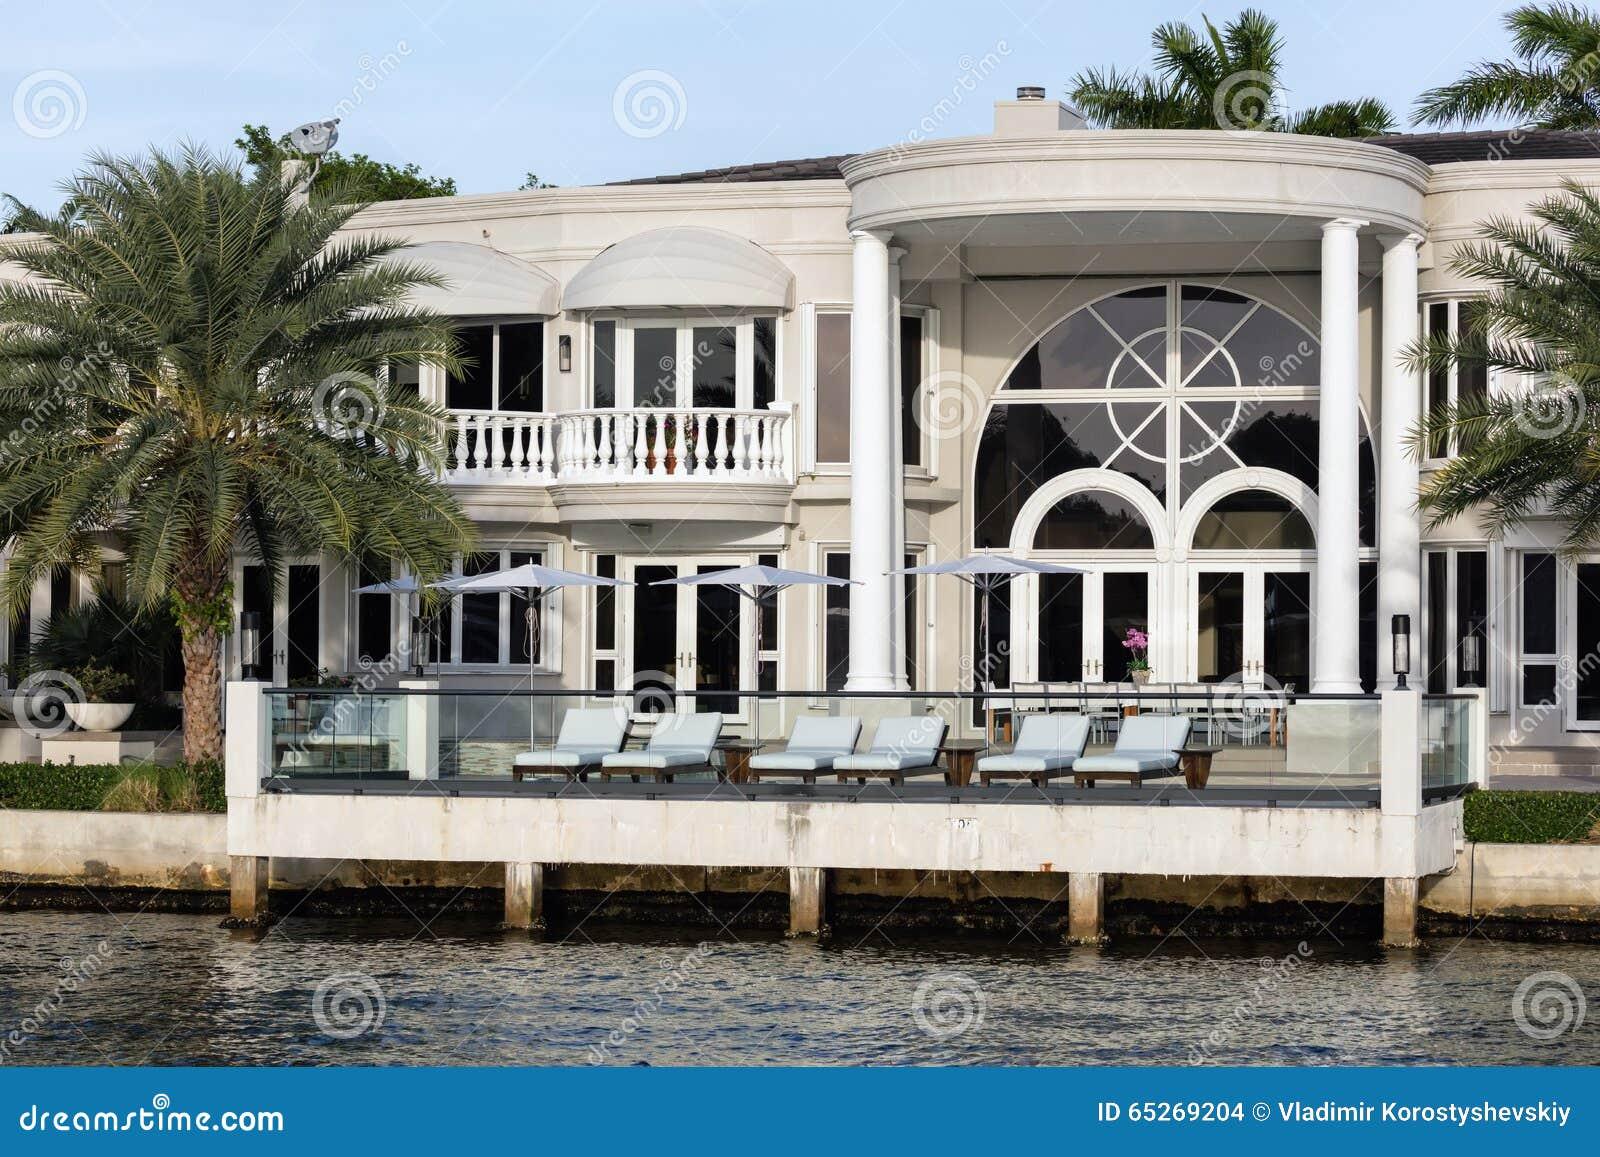 Ville di lusso in sunny isles beach immagine stock for Progetti ville di lusso